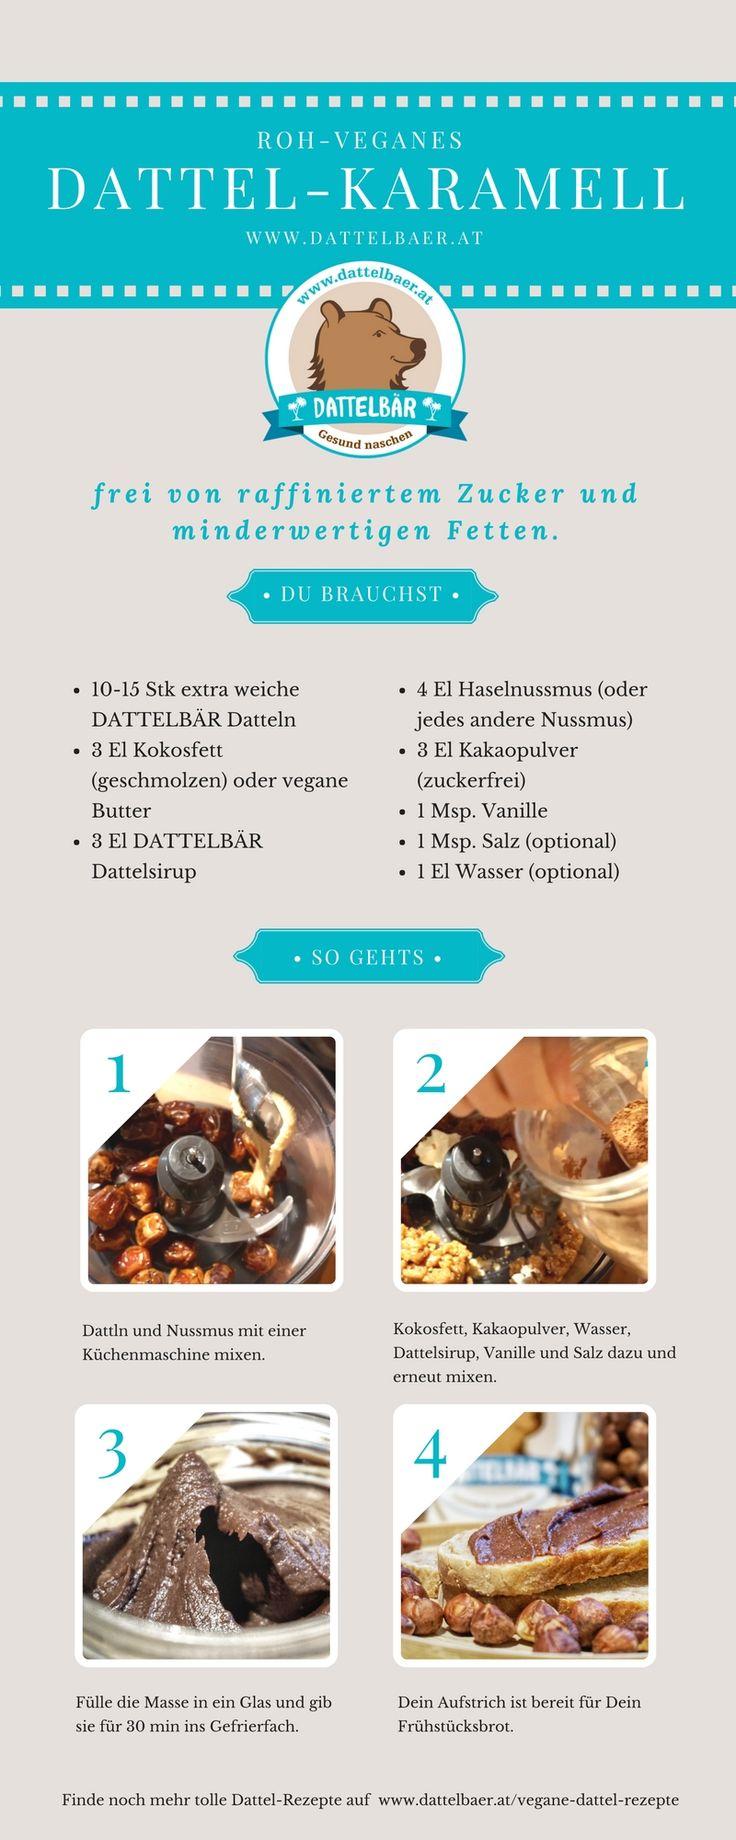 Dattel-Karamell-Aufstrich: Dattella - Dattelbär´s Webshop - frische Rohkost Datteln kaufen - gesund naschen